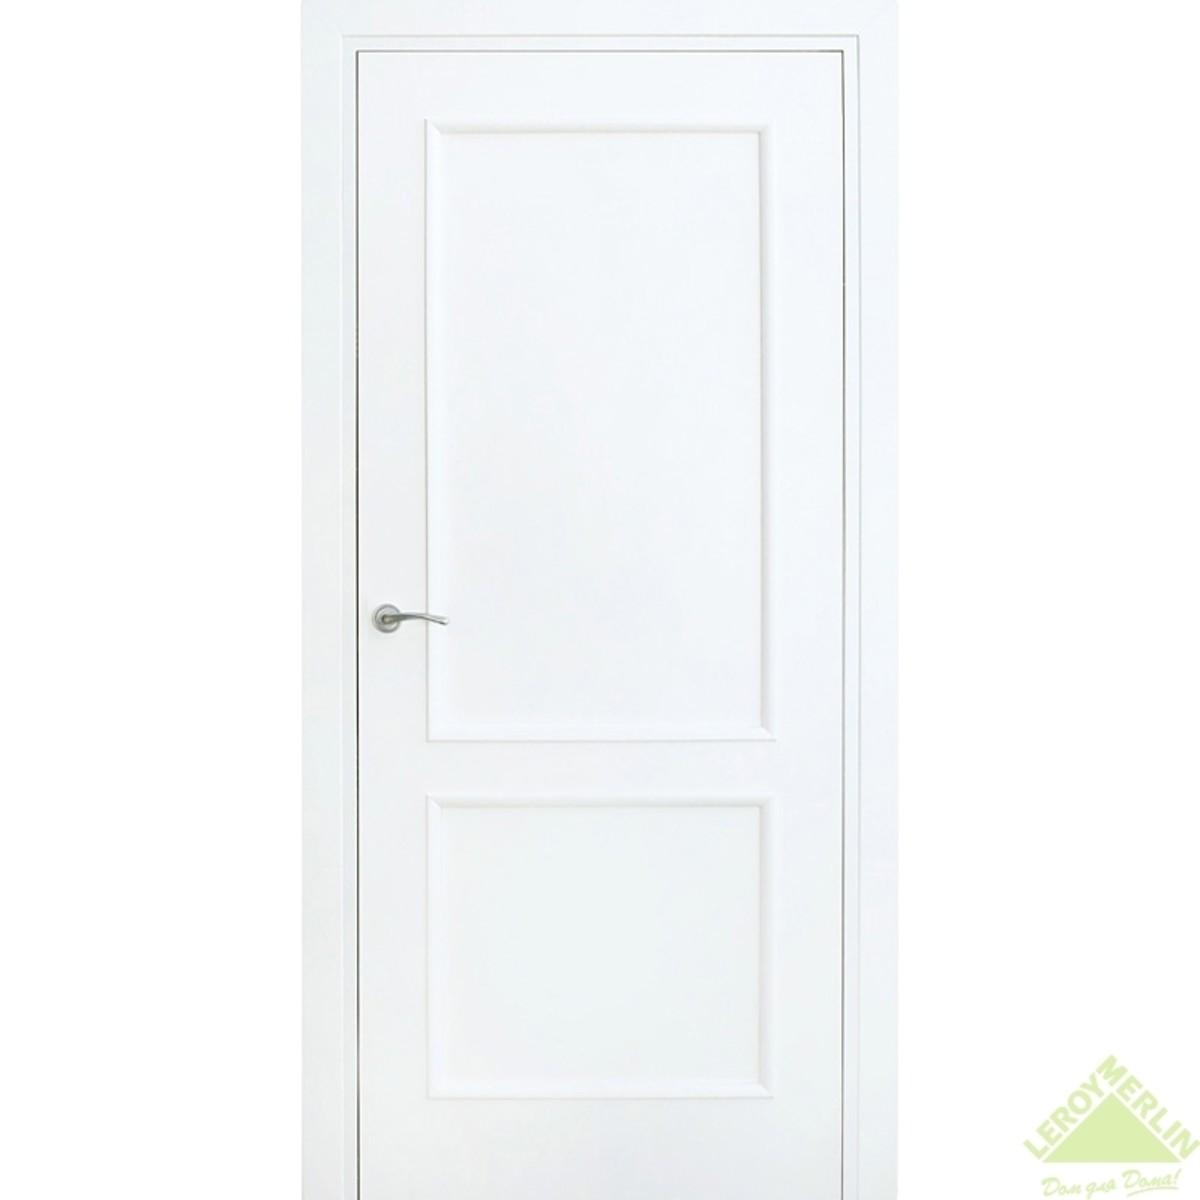 Дверь межкомнатная глухая Фортунато 820 600x2000 мм белый